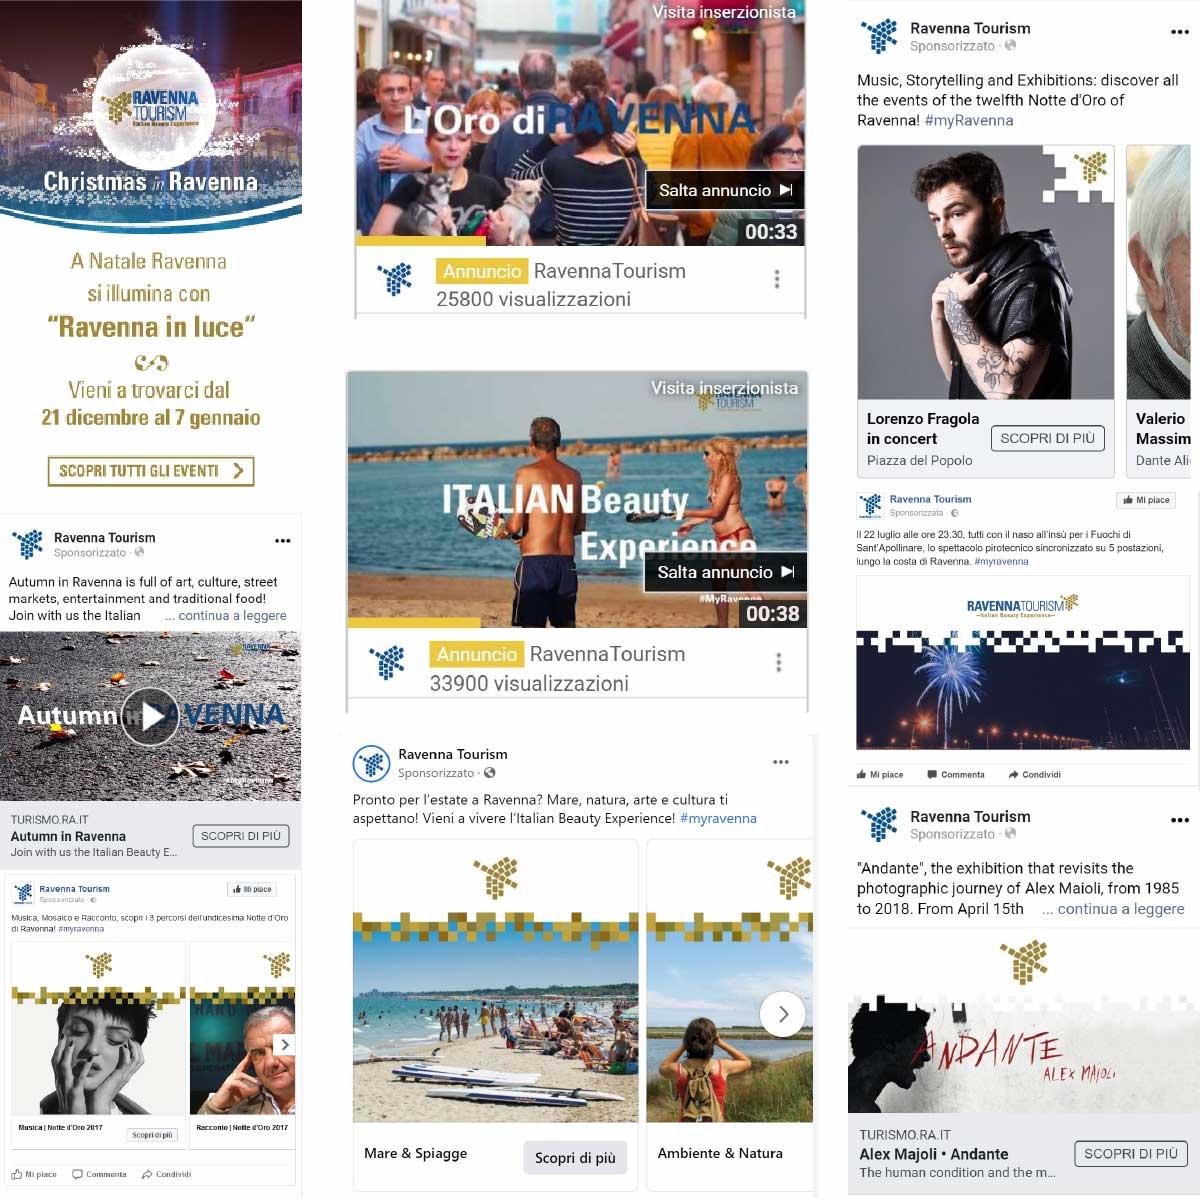 comune-di-ravenna-marketing-turismo-social-adv-3